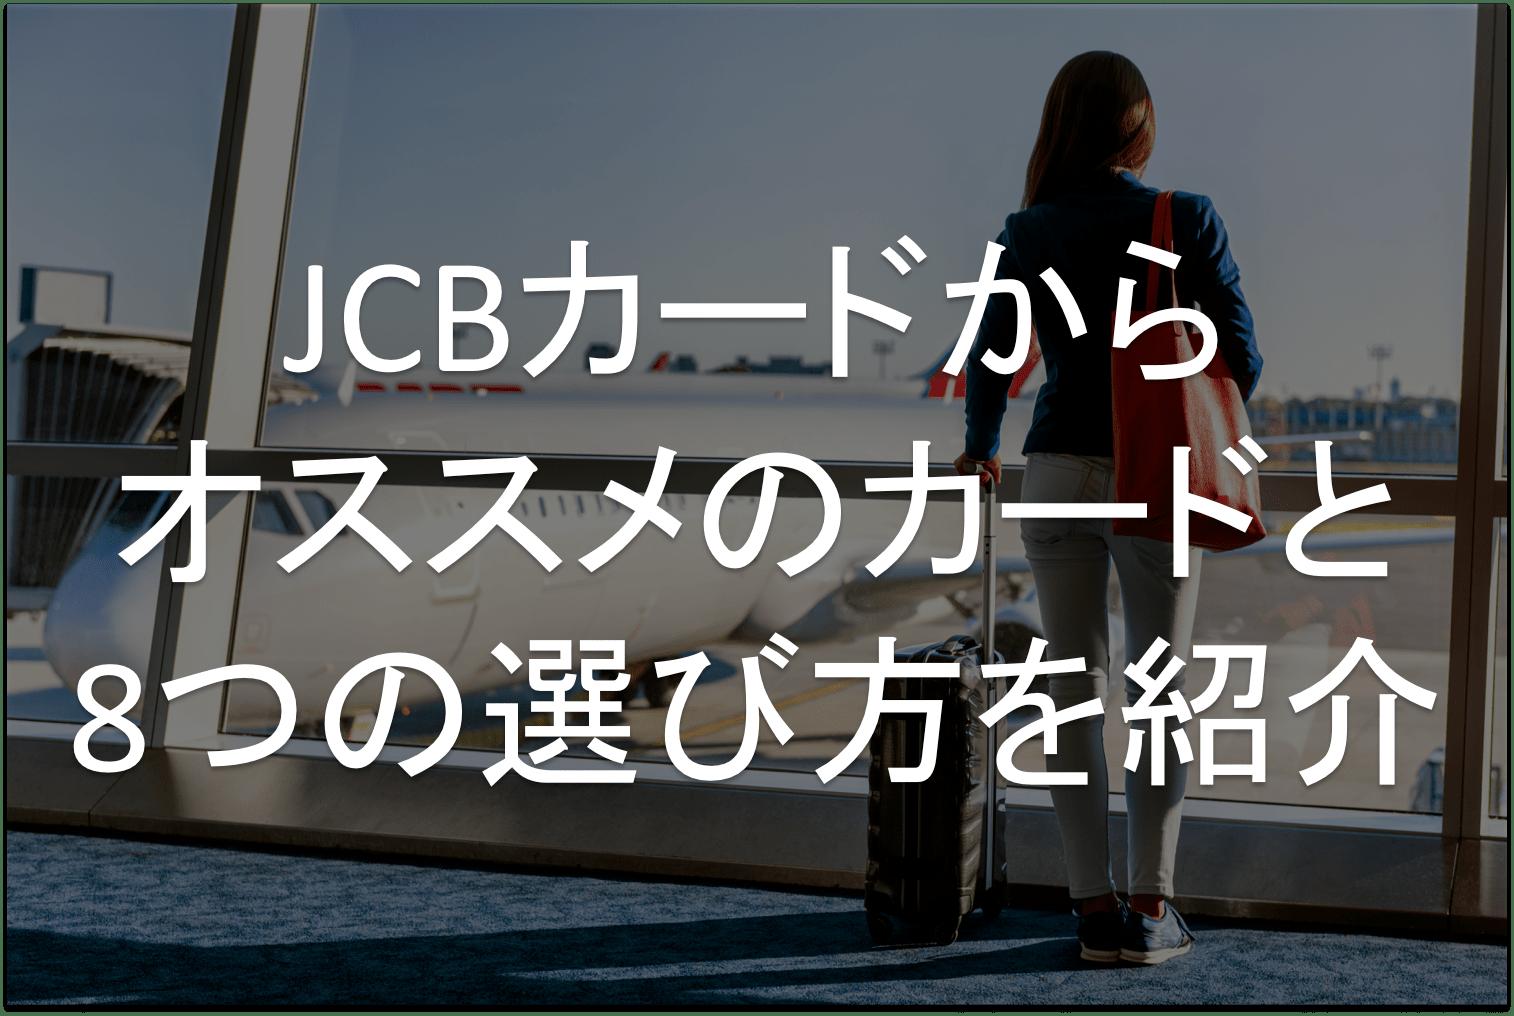 JCBカード おすすめ